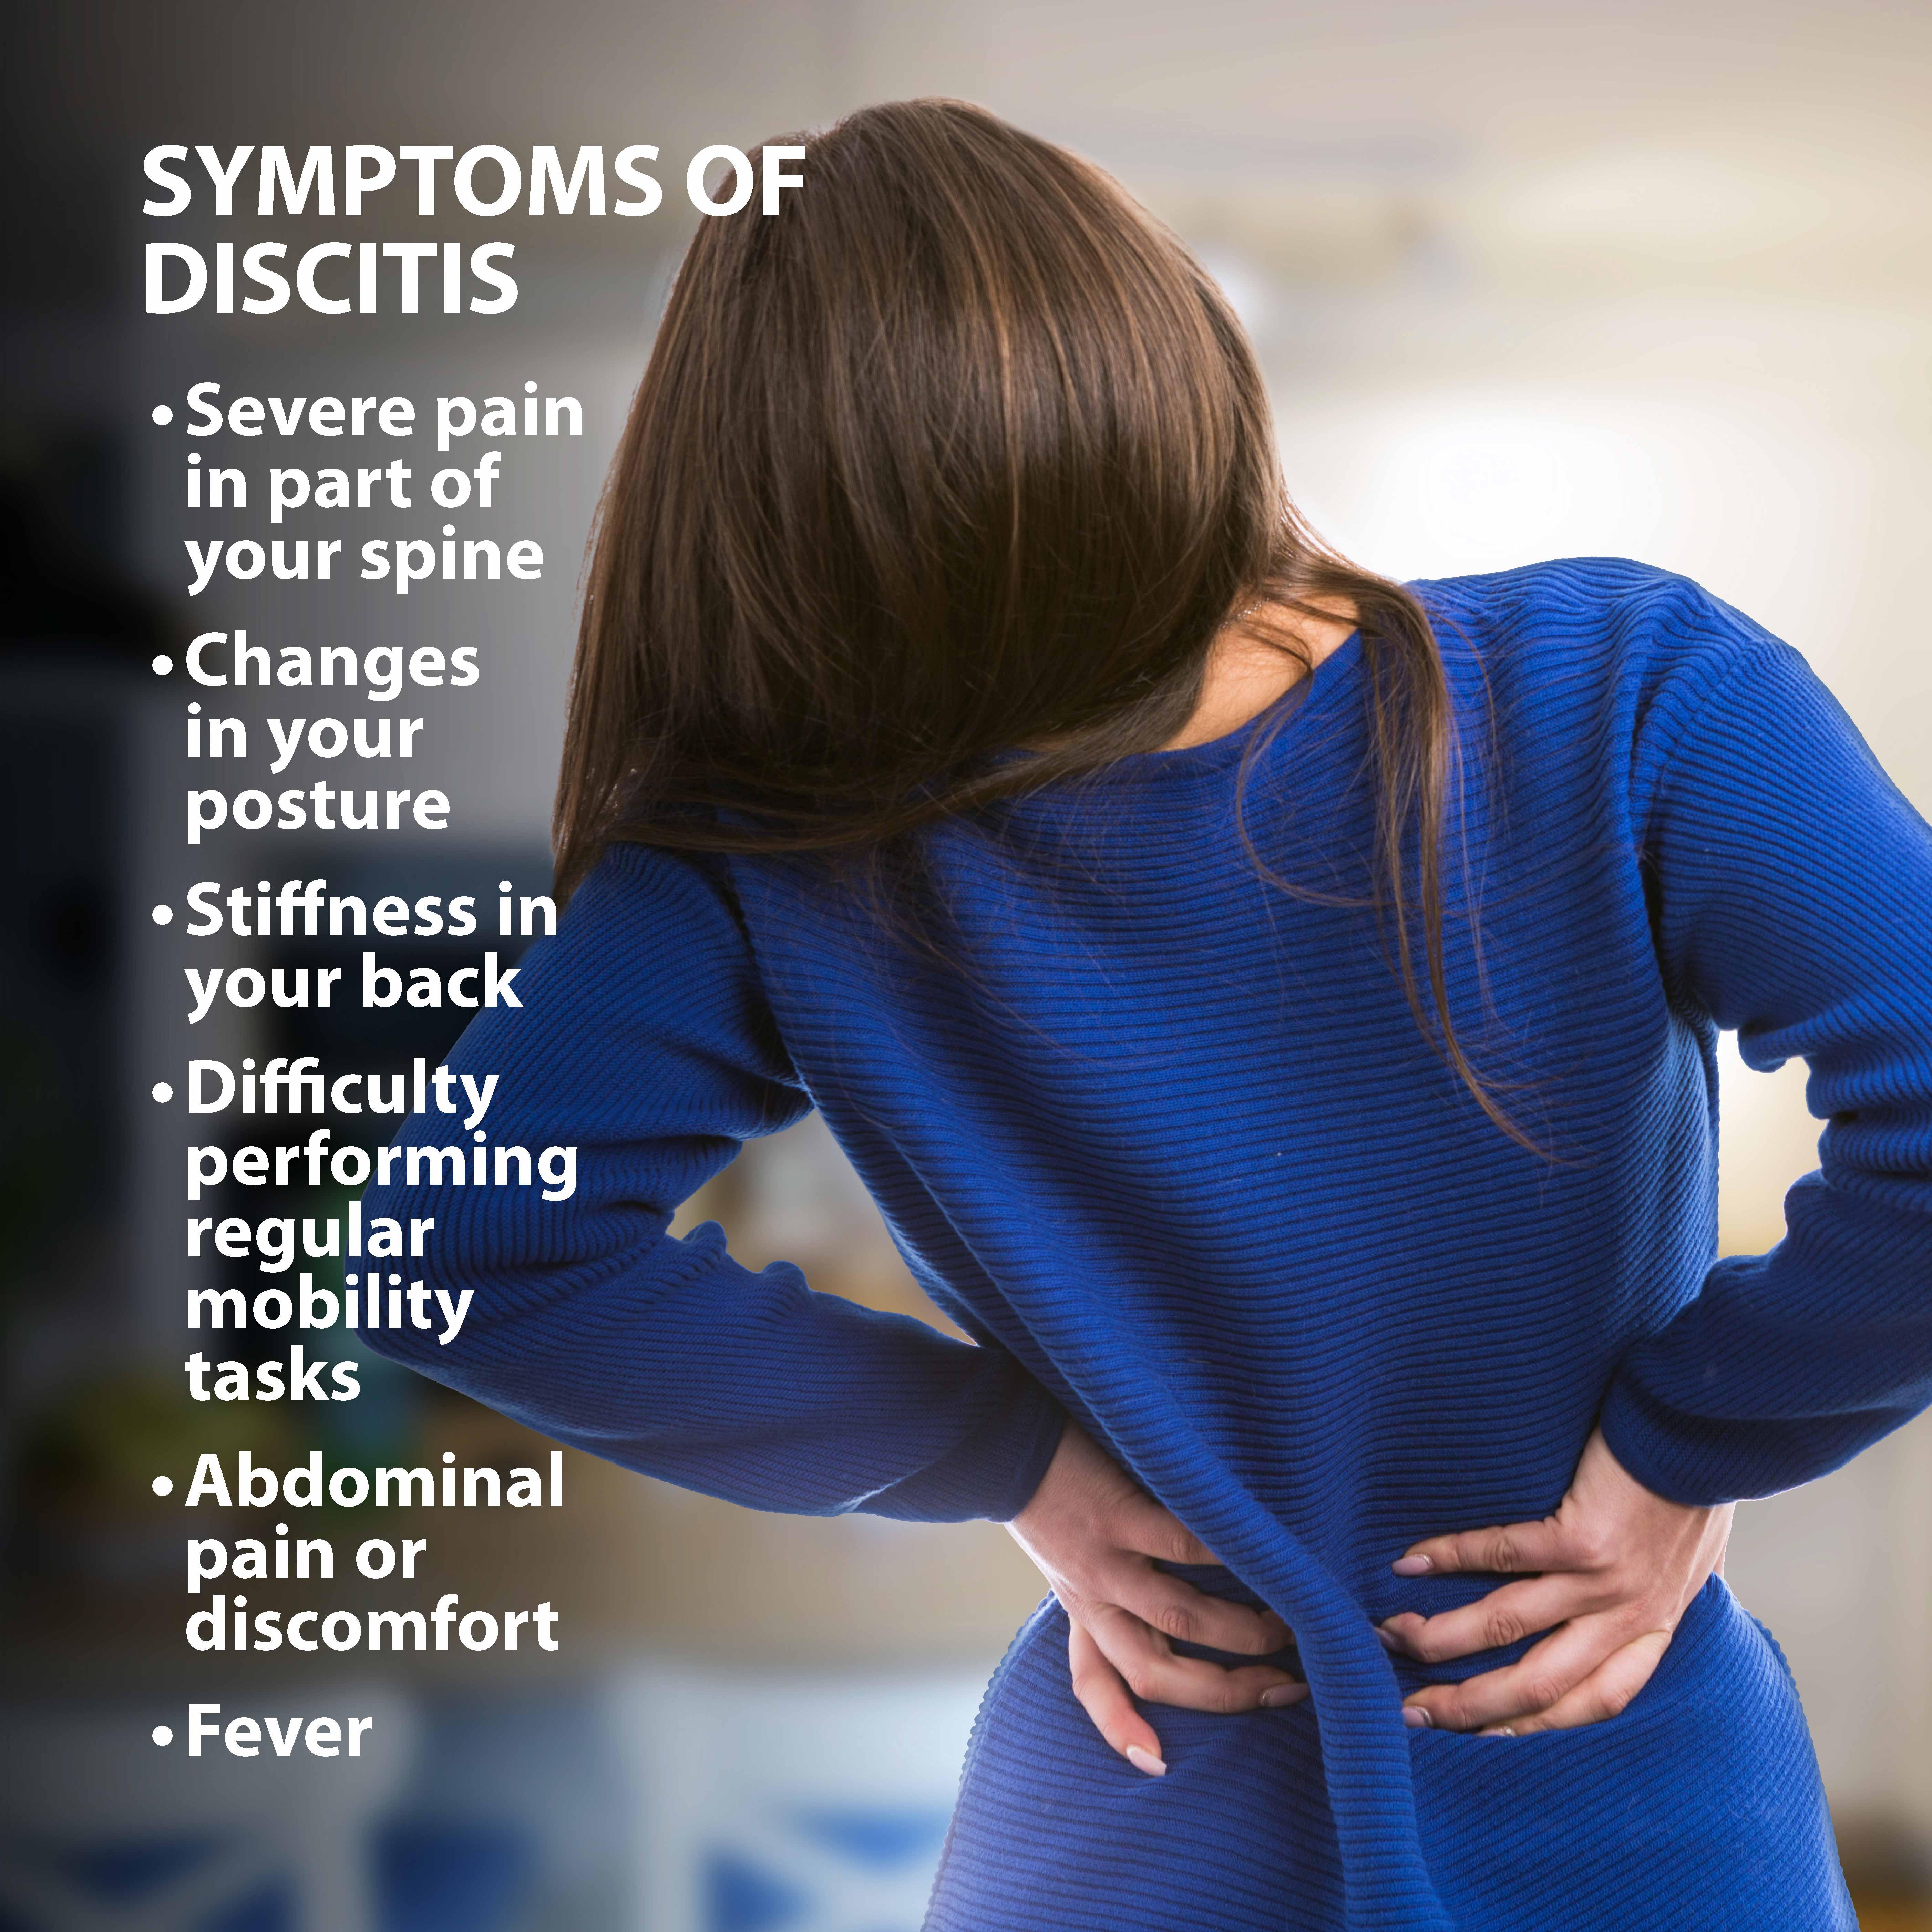 Symptoms of discitis graphic